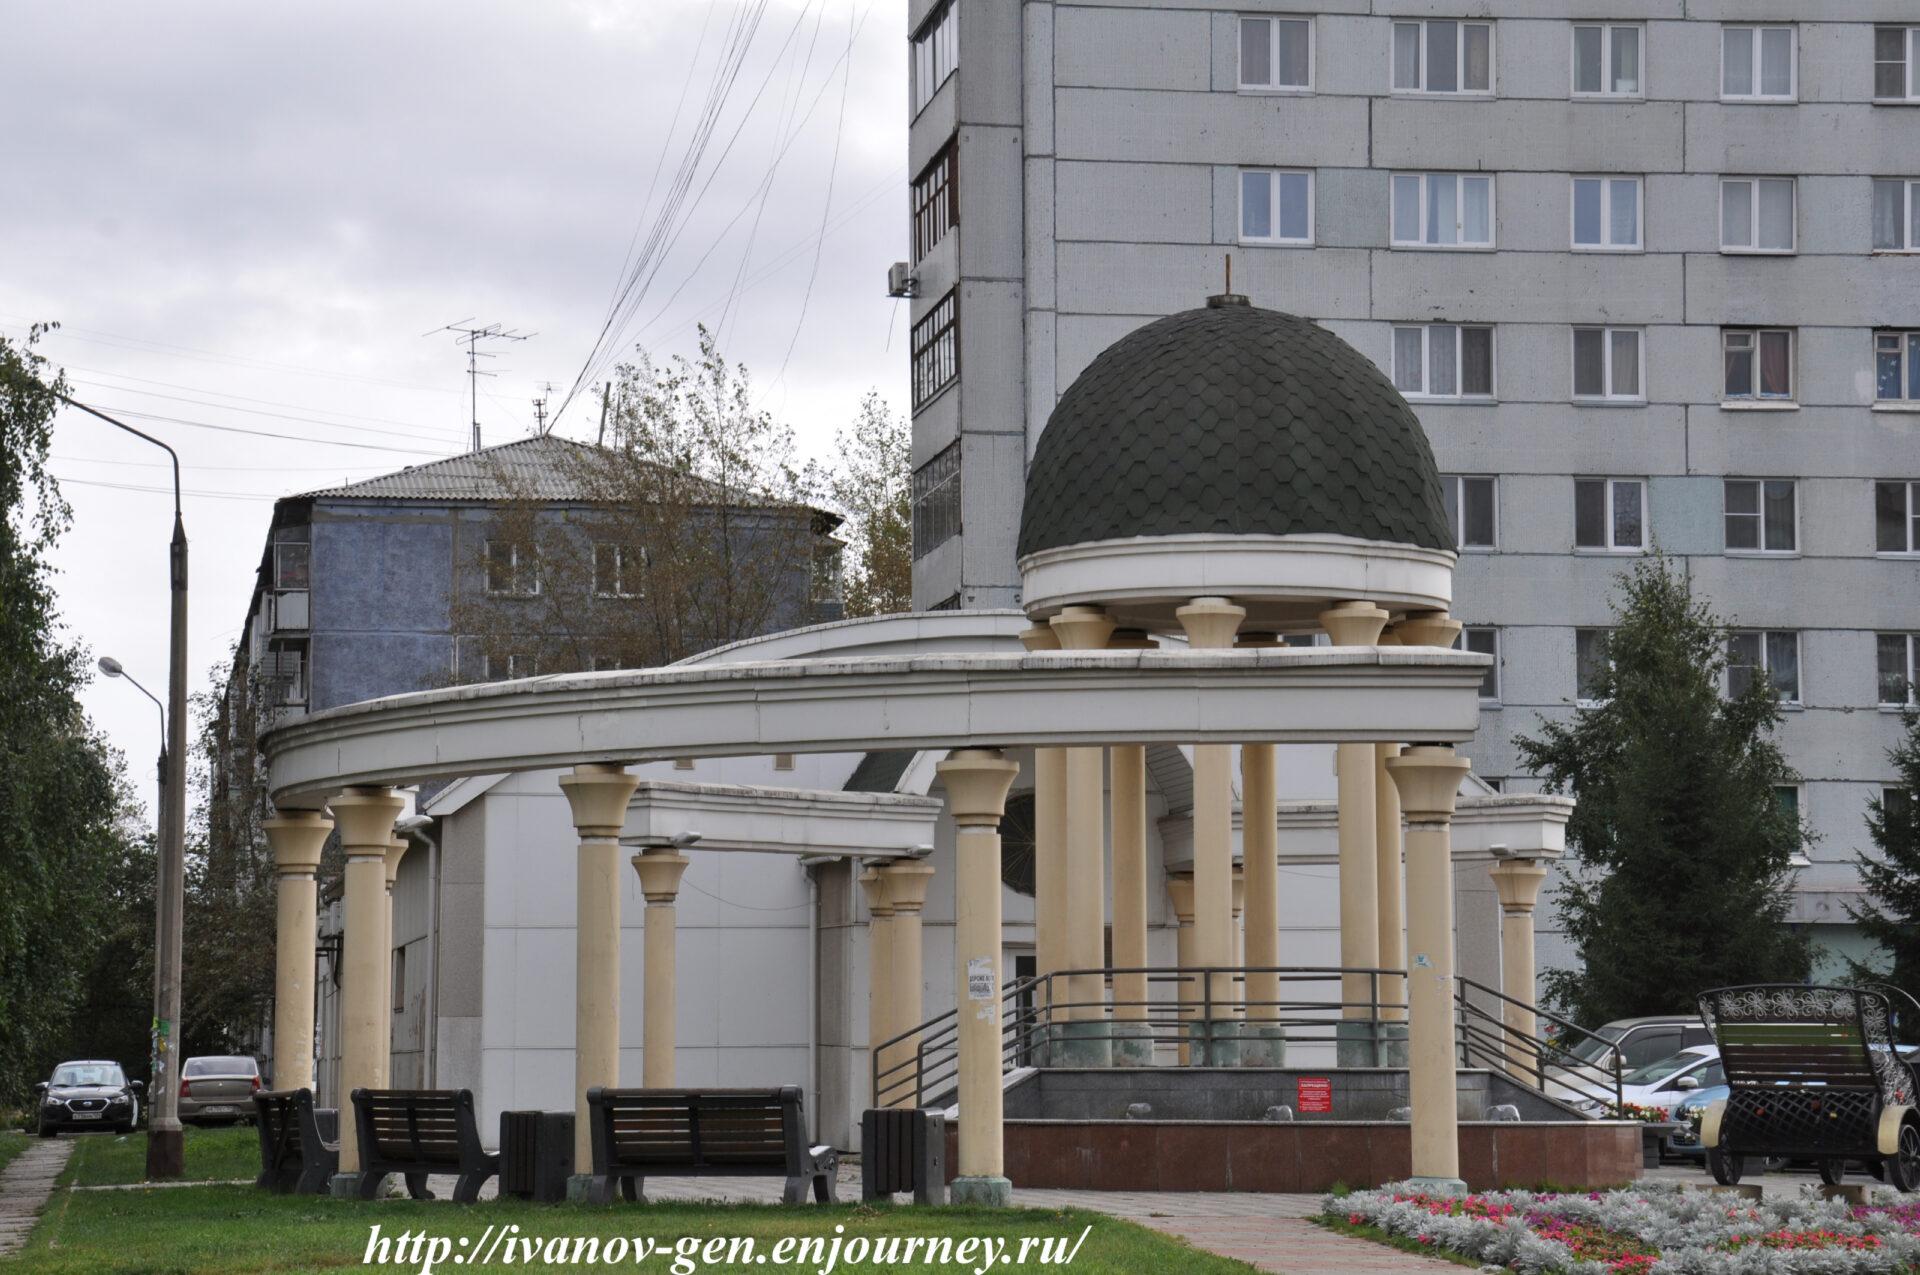 Красноярск глазами москвича или Подсмотрено вКрасноярске